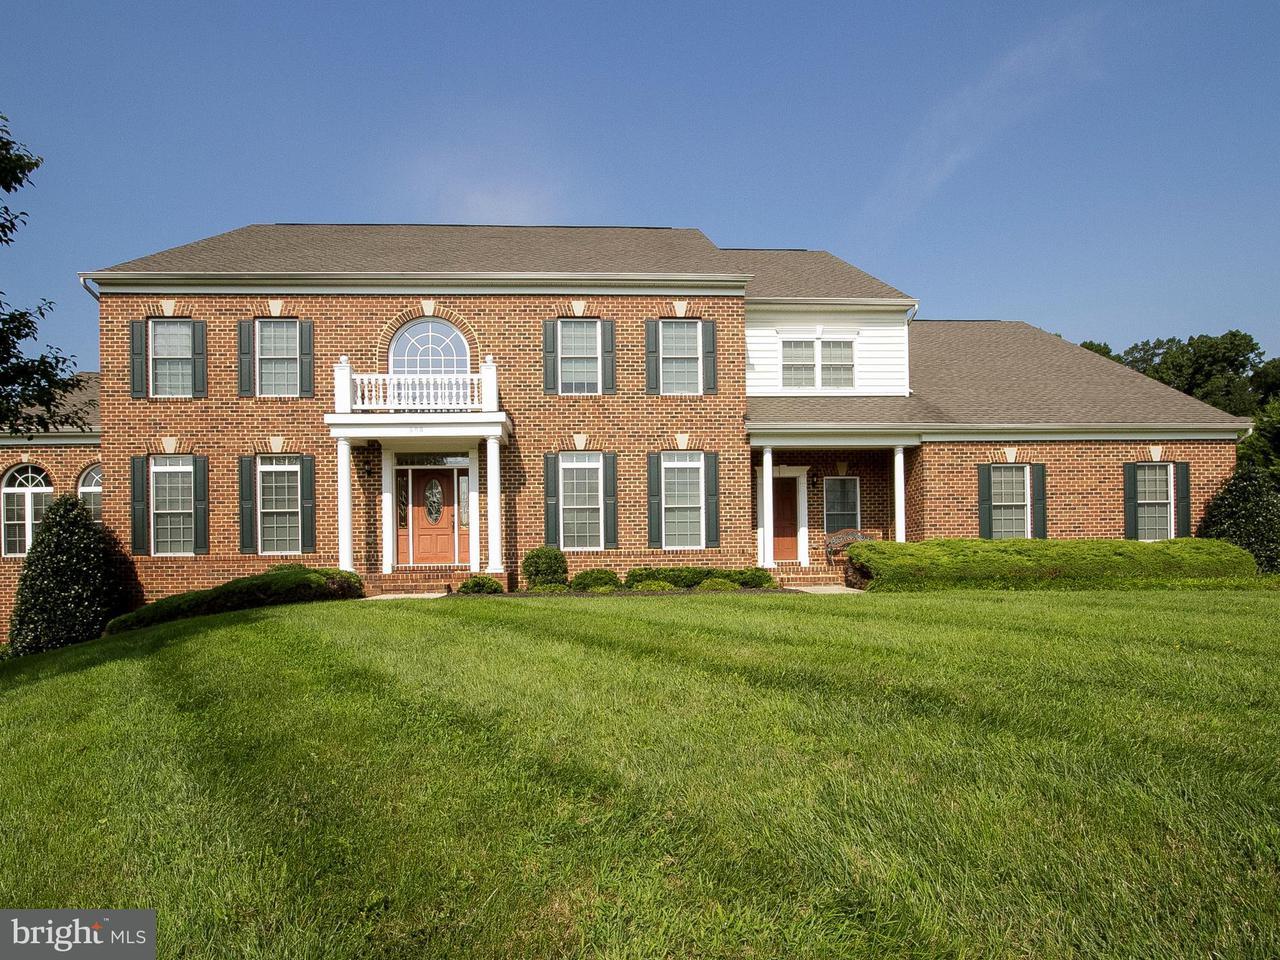 独户住宅 为 销售 在 508 TIMBER SPRINGS Court 508 TIMBER SPRINGS Court Reisterstown, 马里兰州 21136 美国